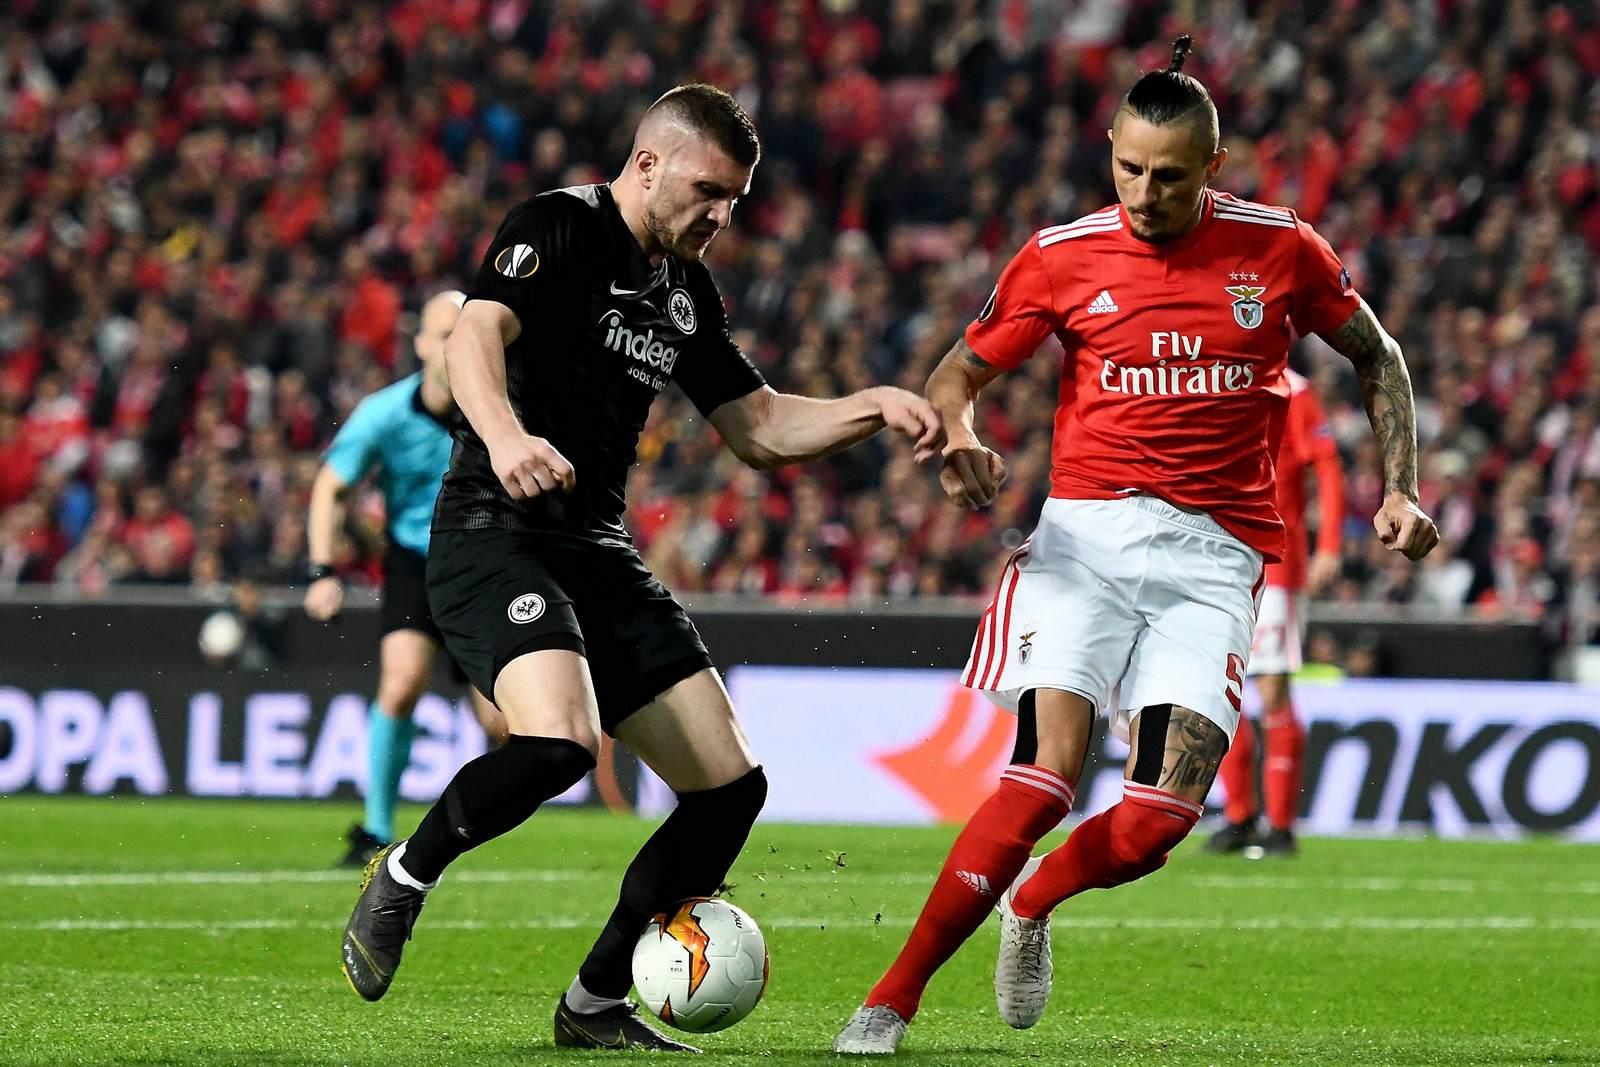 Ante Rebic im Zweikampf mit Ljubomir Fejsa. Jetzt auf Frankfurt gegen Benfica wetten